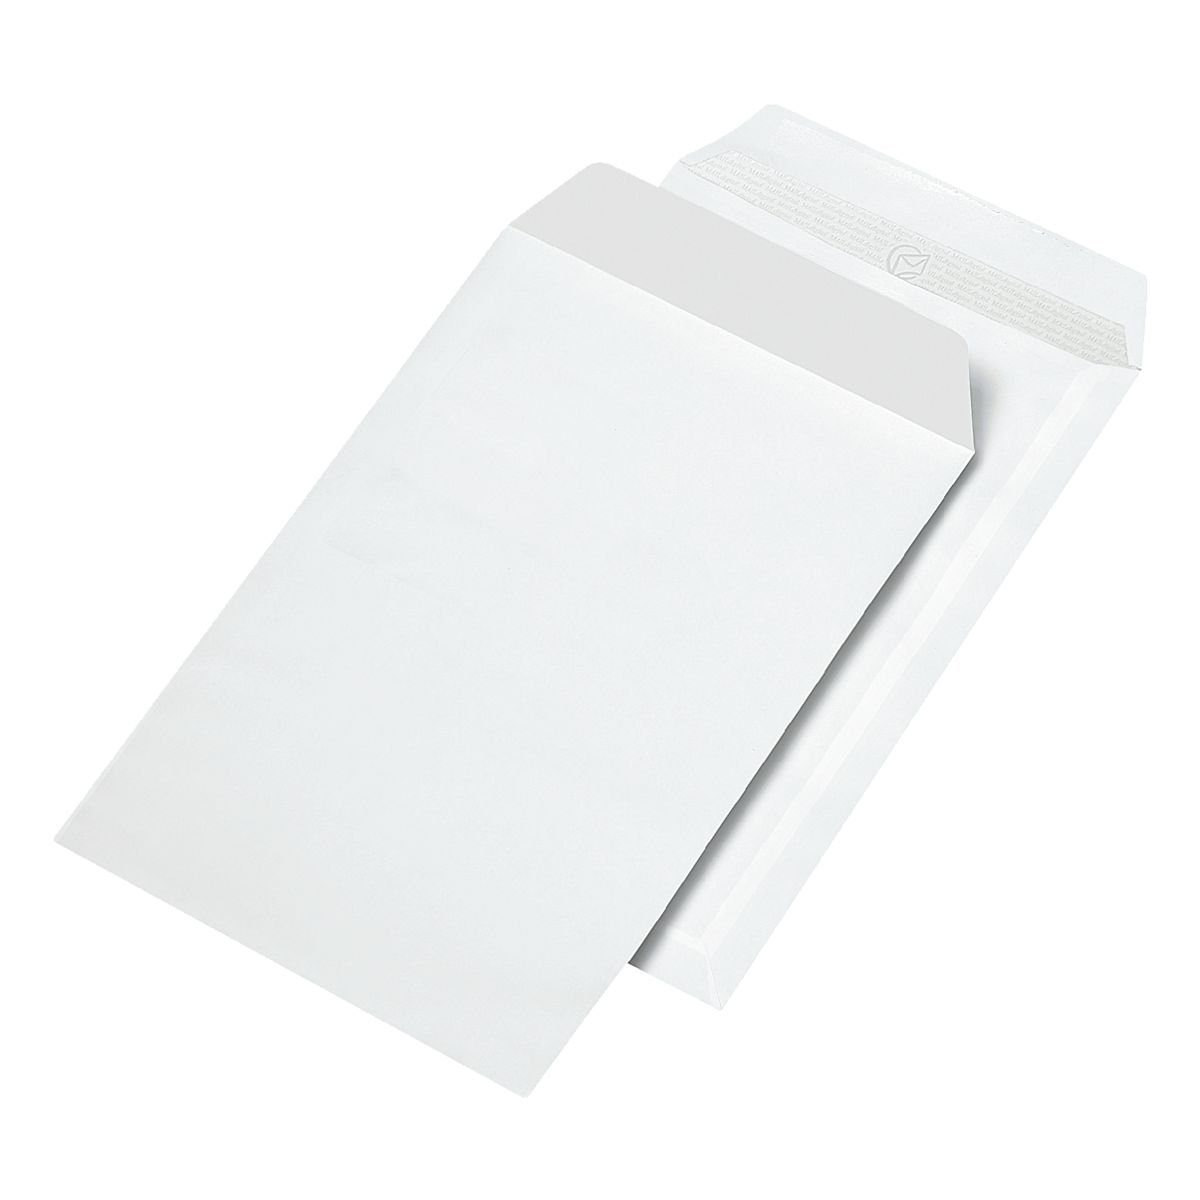 Mailmedia 250 Laserbedruckbare Versandtaschen C4 ohne Fenster »Maildigital«